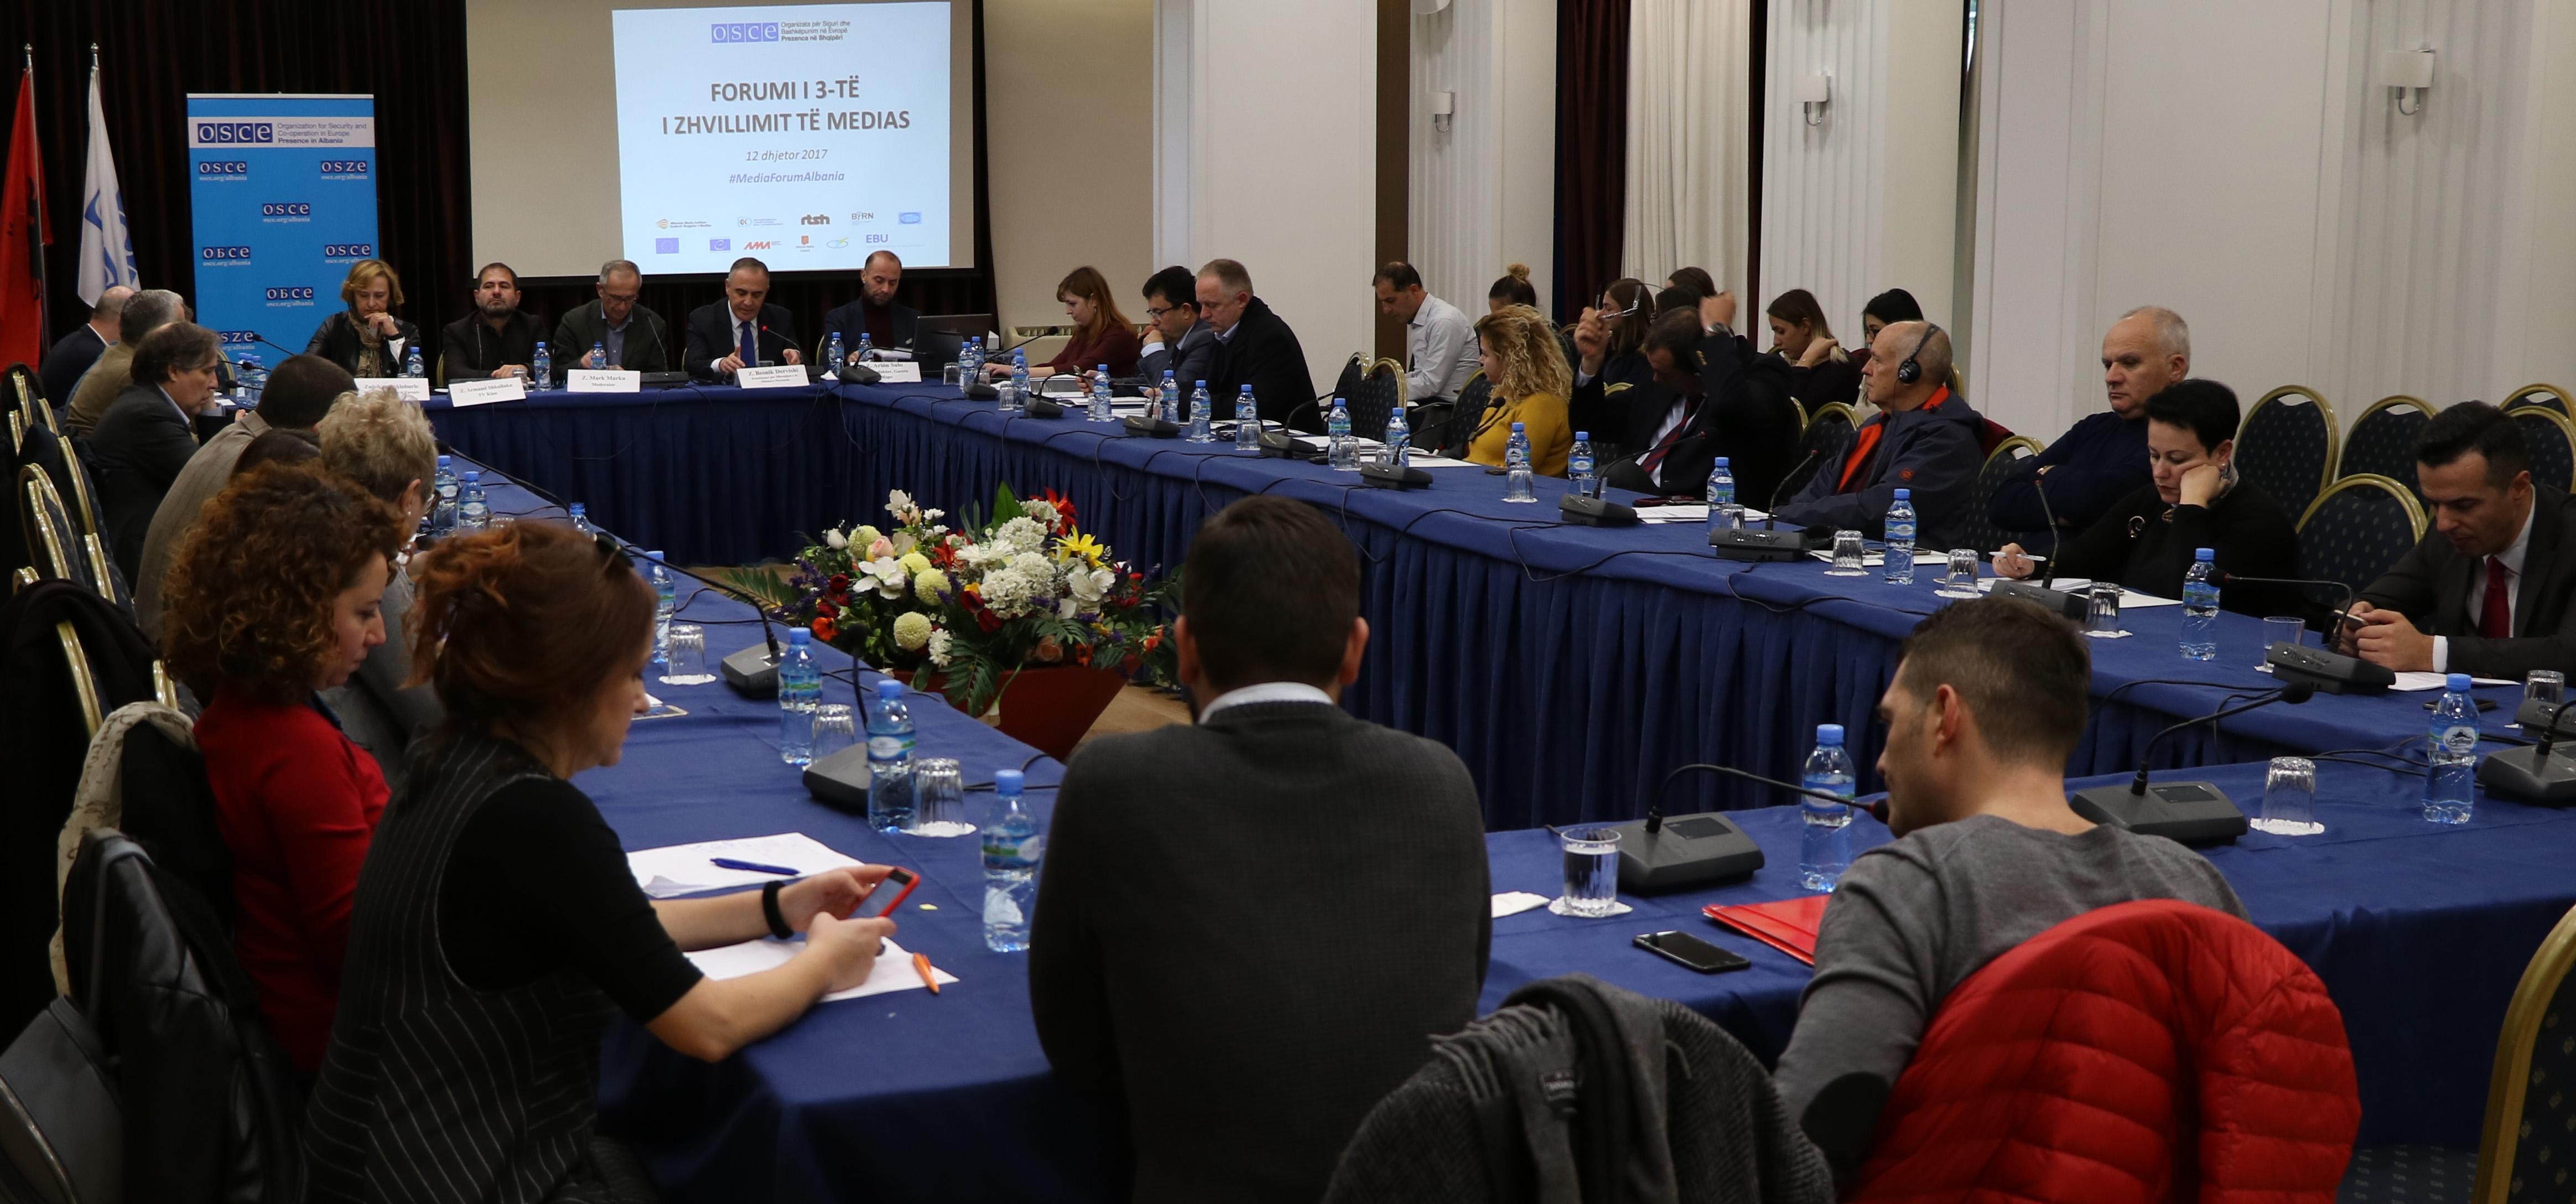 """""""Forumi për Zhvillimin e Medias"""", balanca mes privatësisë dhe të drejtës për informim"""